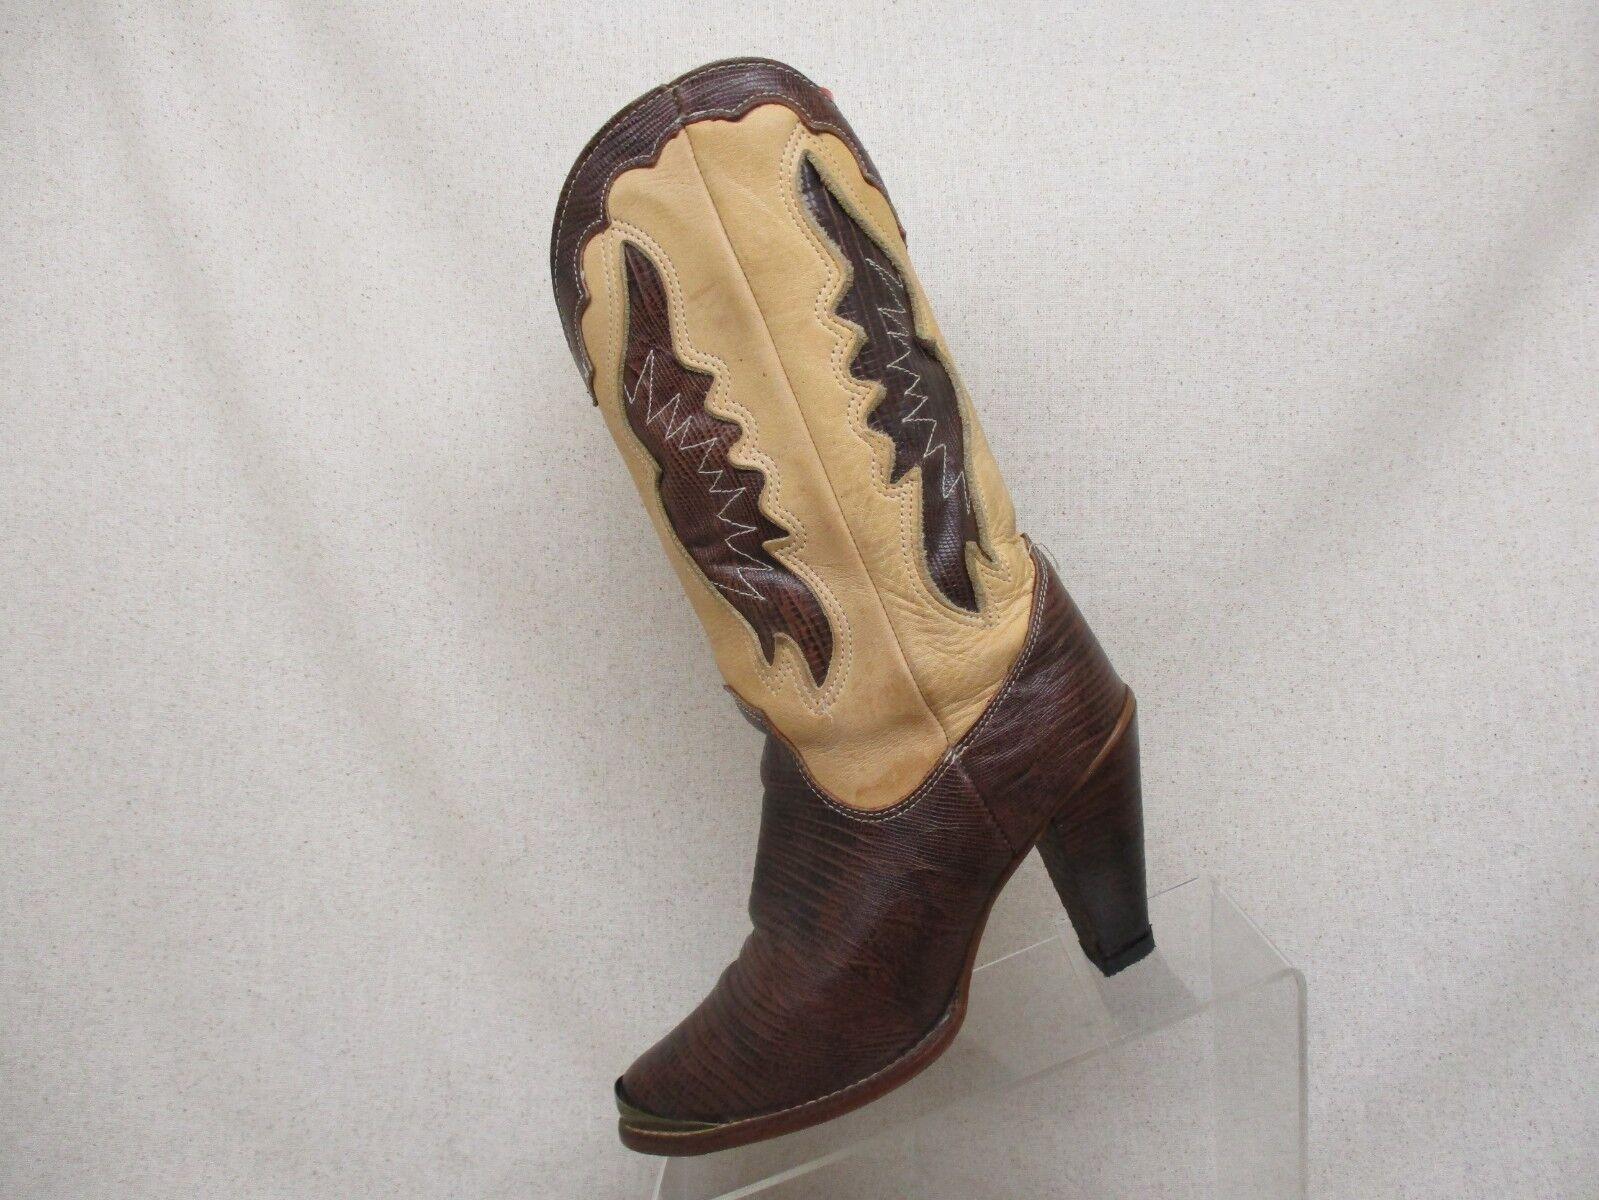 ZODIAC Tan Brown Leather Lizard Skin Cowboy Boots Womens Size 6.5 M Style 202082